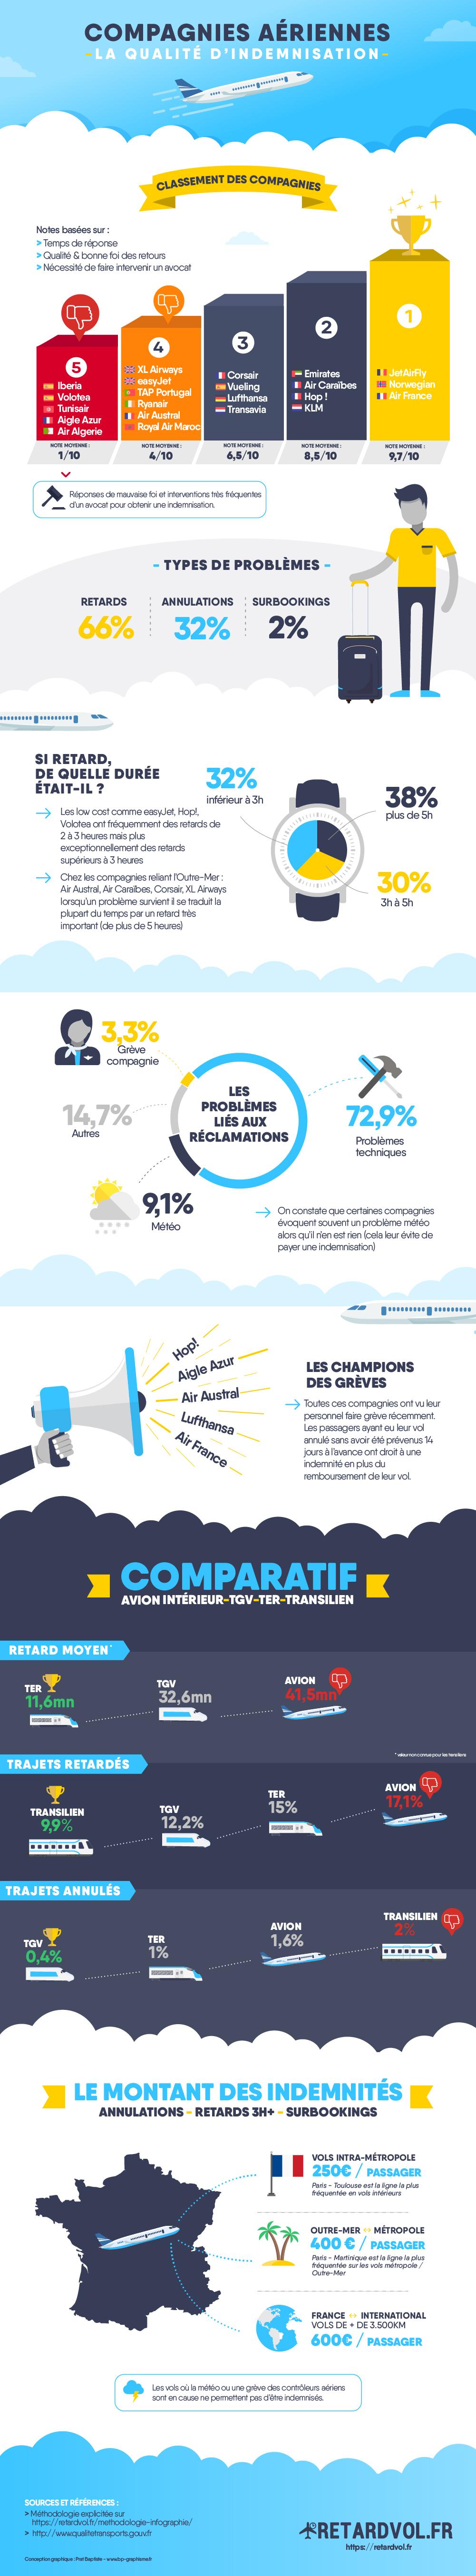 Infographie de retardvol.fr